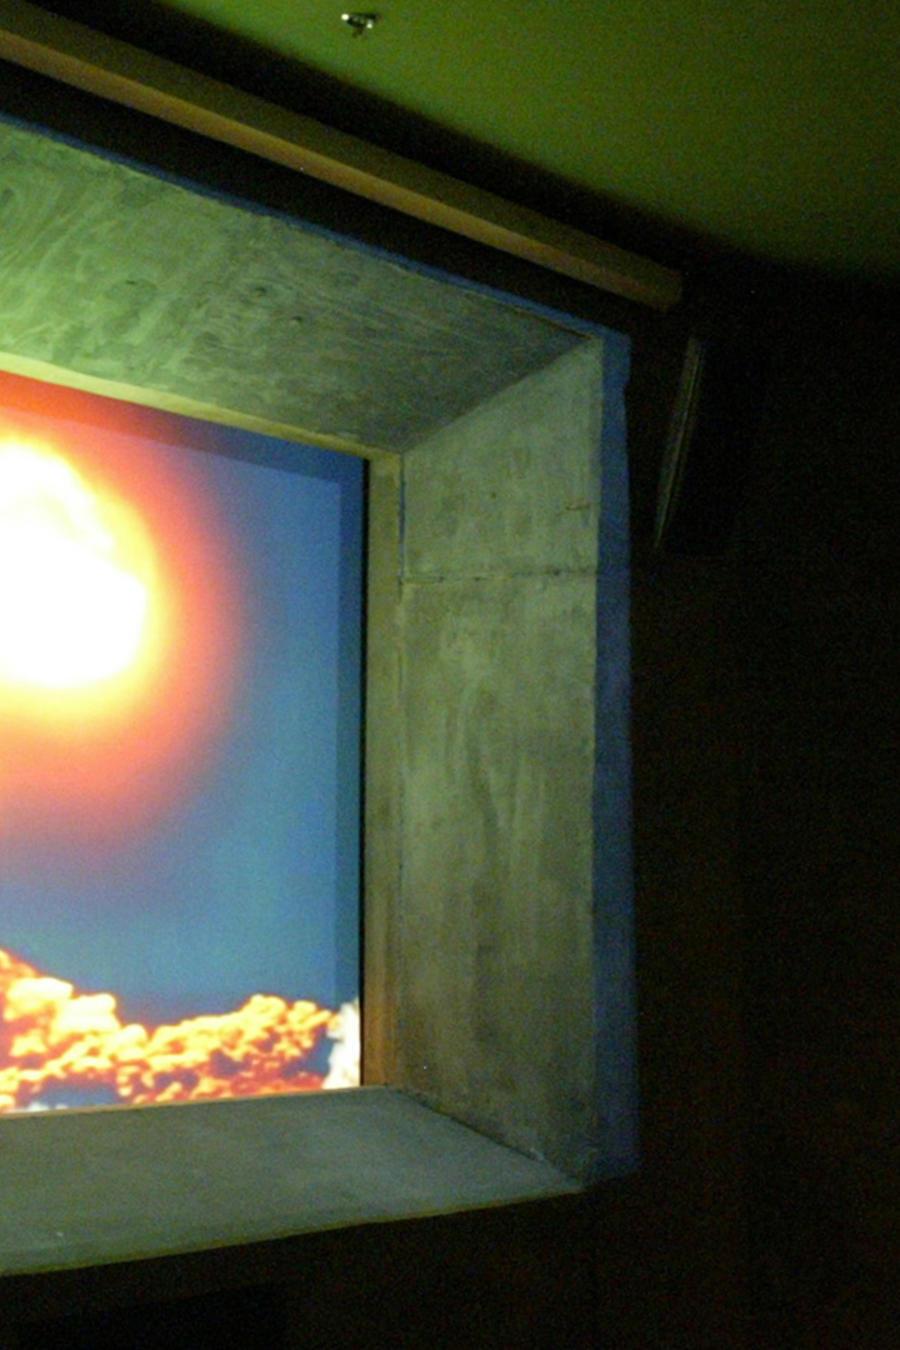 Imagen de archivo de un televisor que muestra el video de una bomba atómica